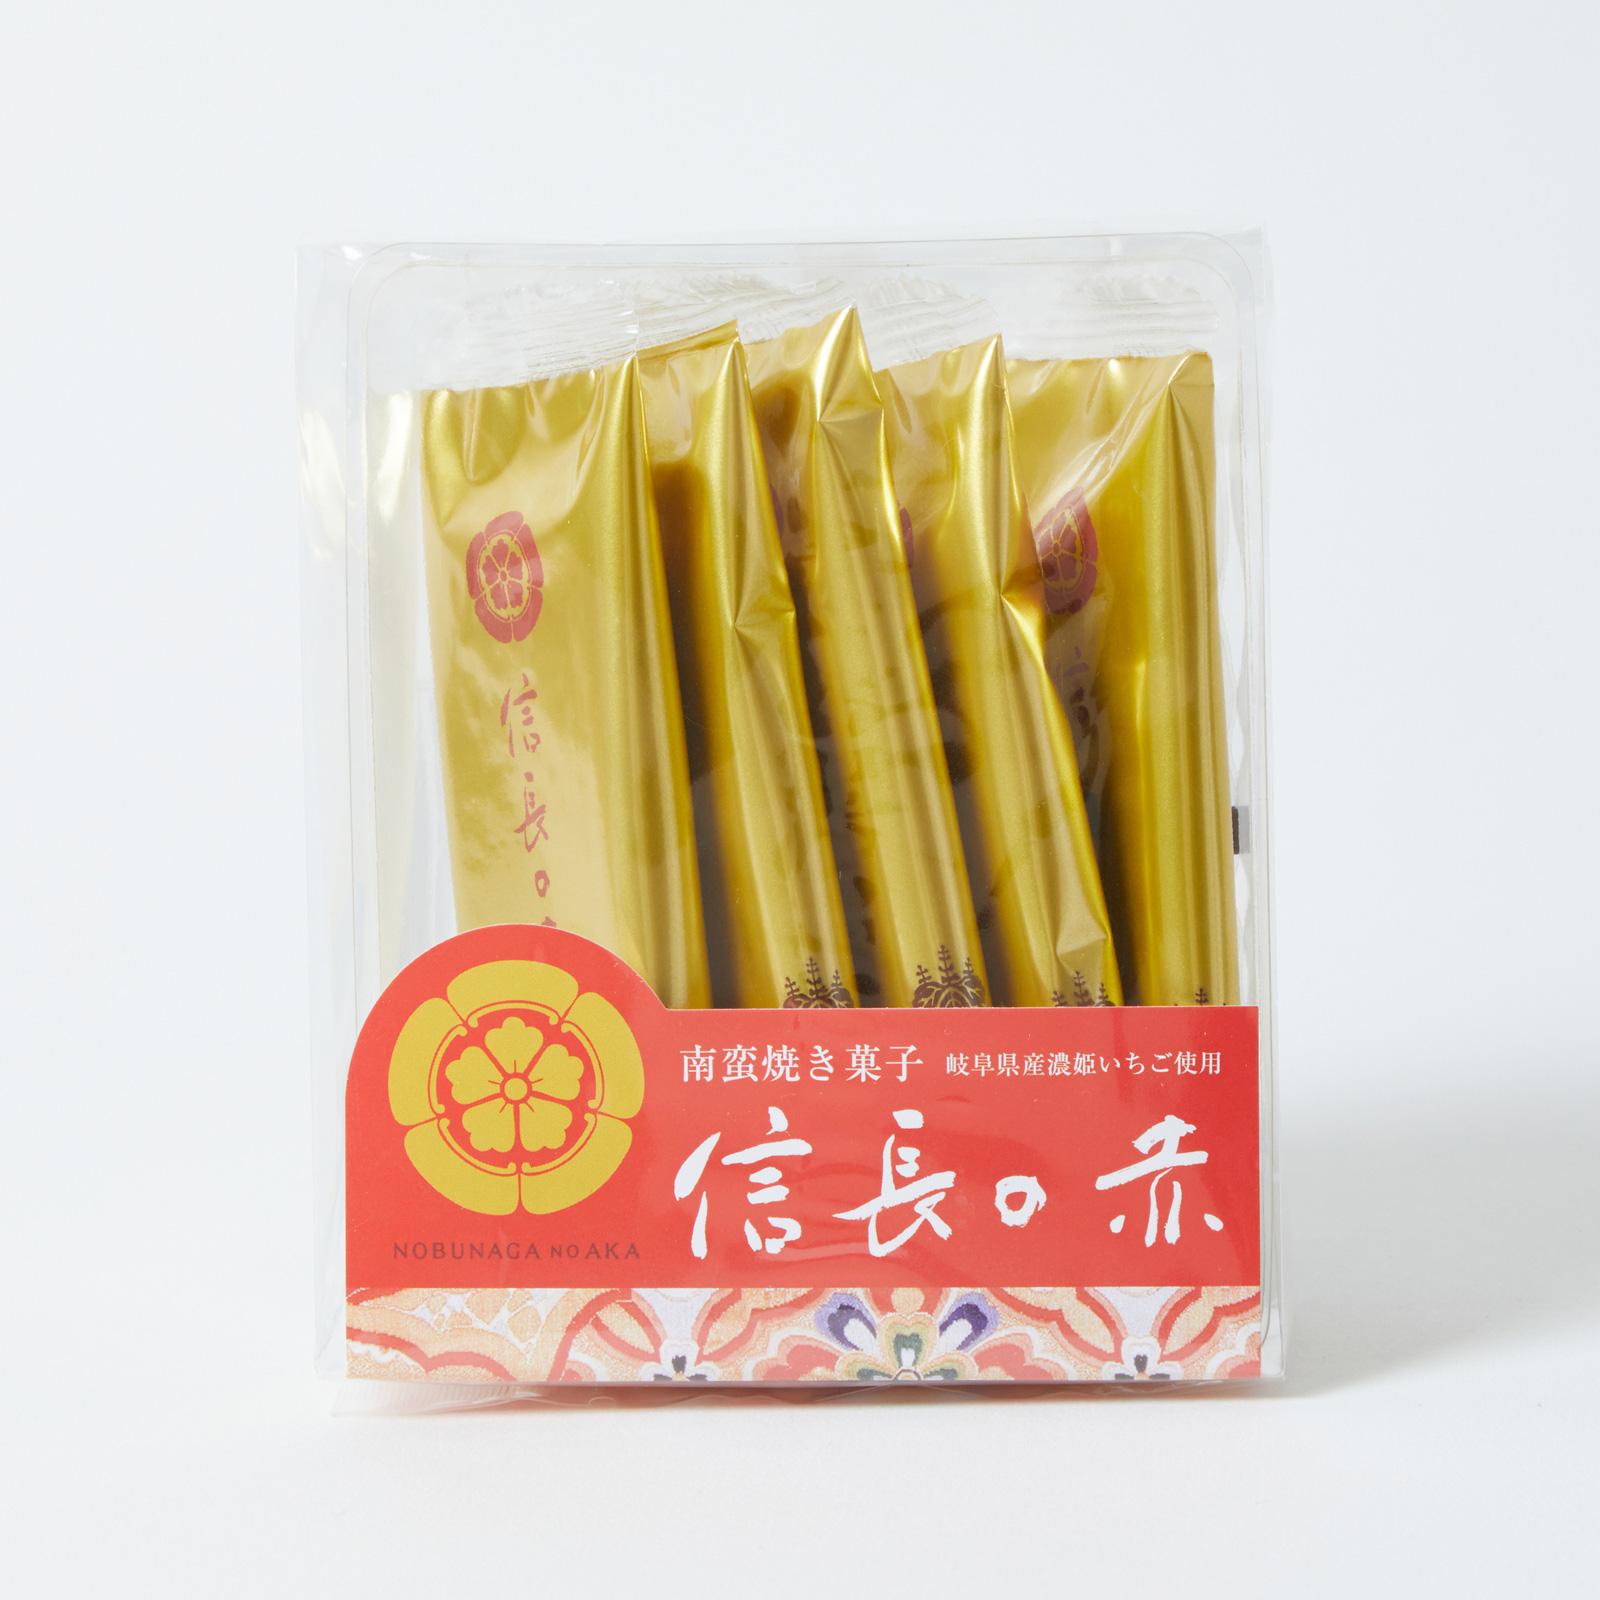 【信長の赤:5枚】岐阜県産の濃姫いちごを100%使った新食感の南蛮焼き菓子